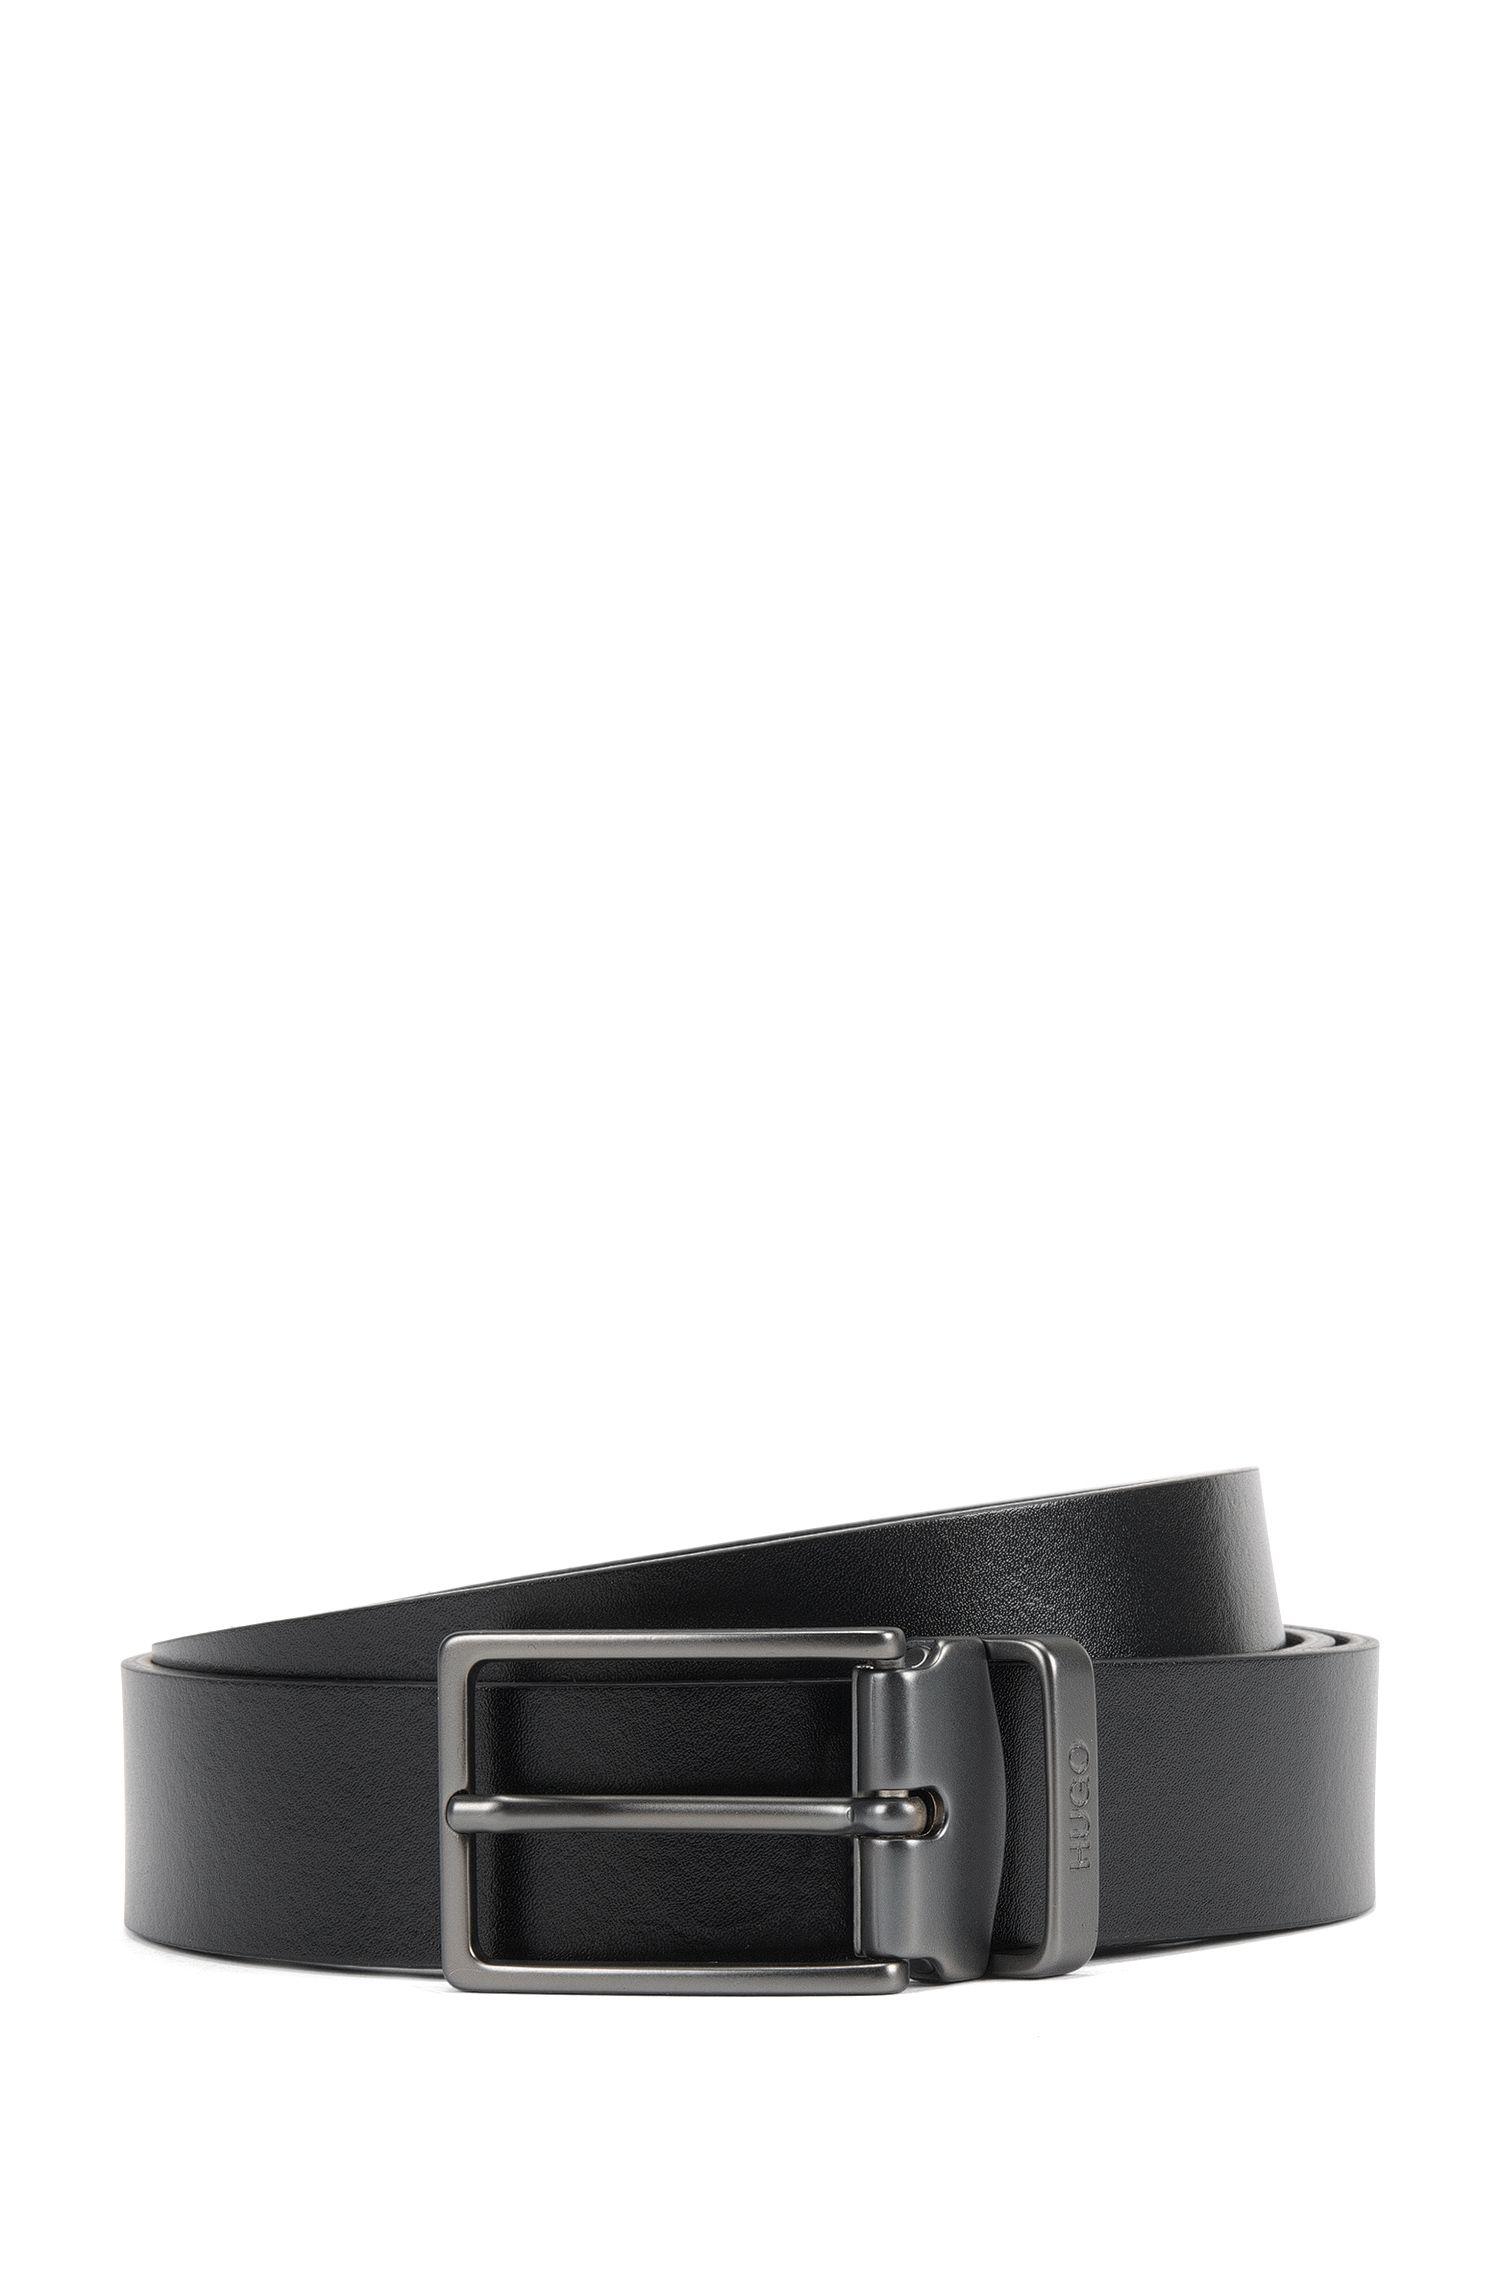 Cinturón reversible de piel con hebilla doble con acabado mate de metal pesado